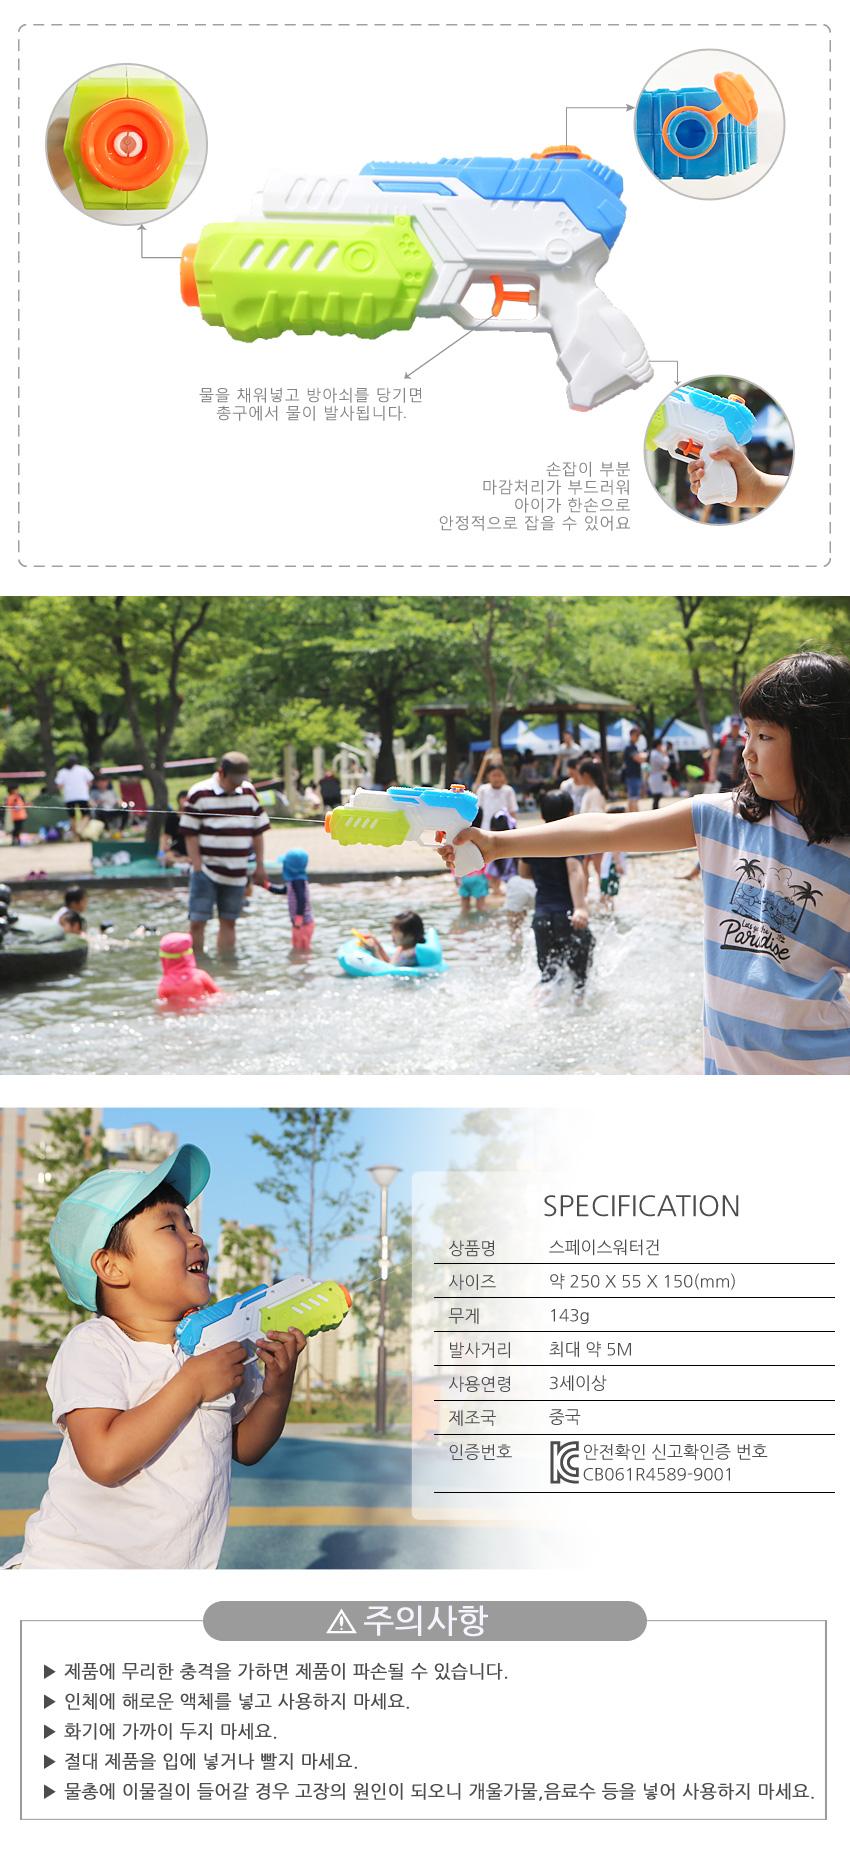 스페이스워터건 물총 여름완구 물총축제 여름완구 - 알사탕닷컴, 7,900원, 장난감총, 물총